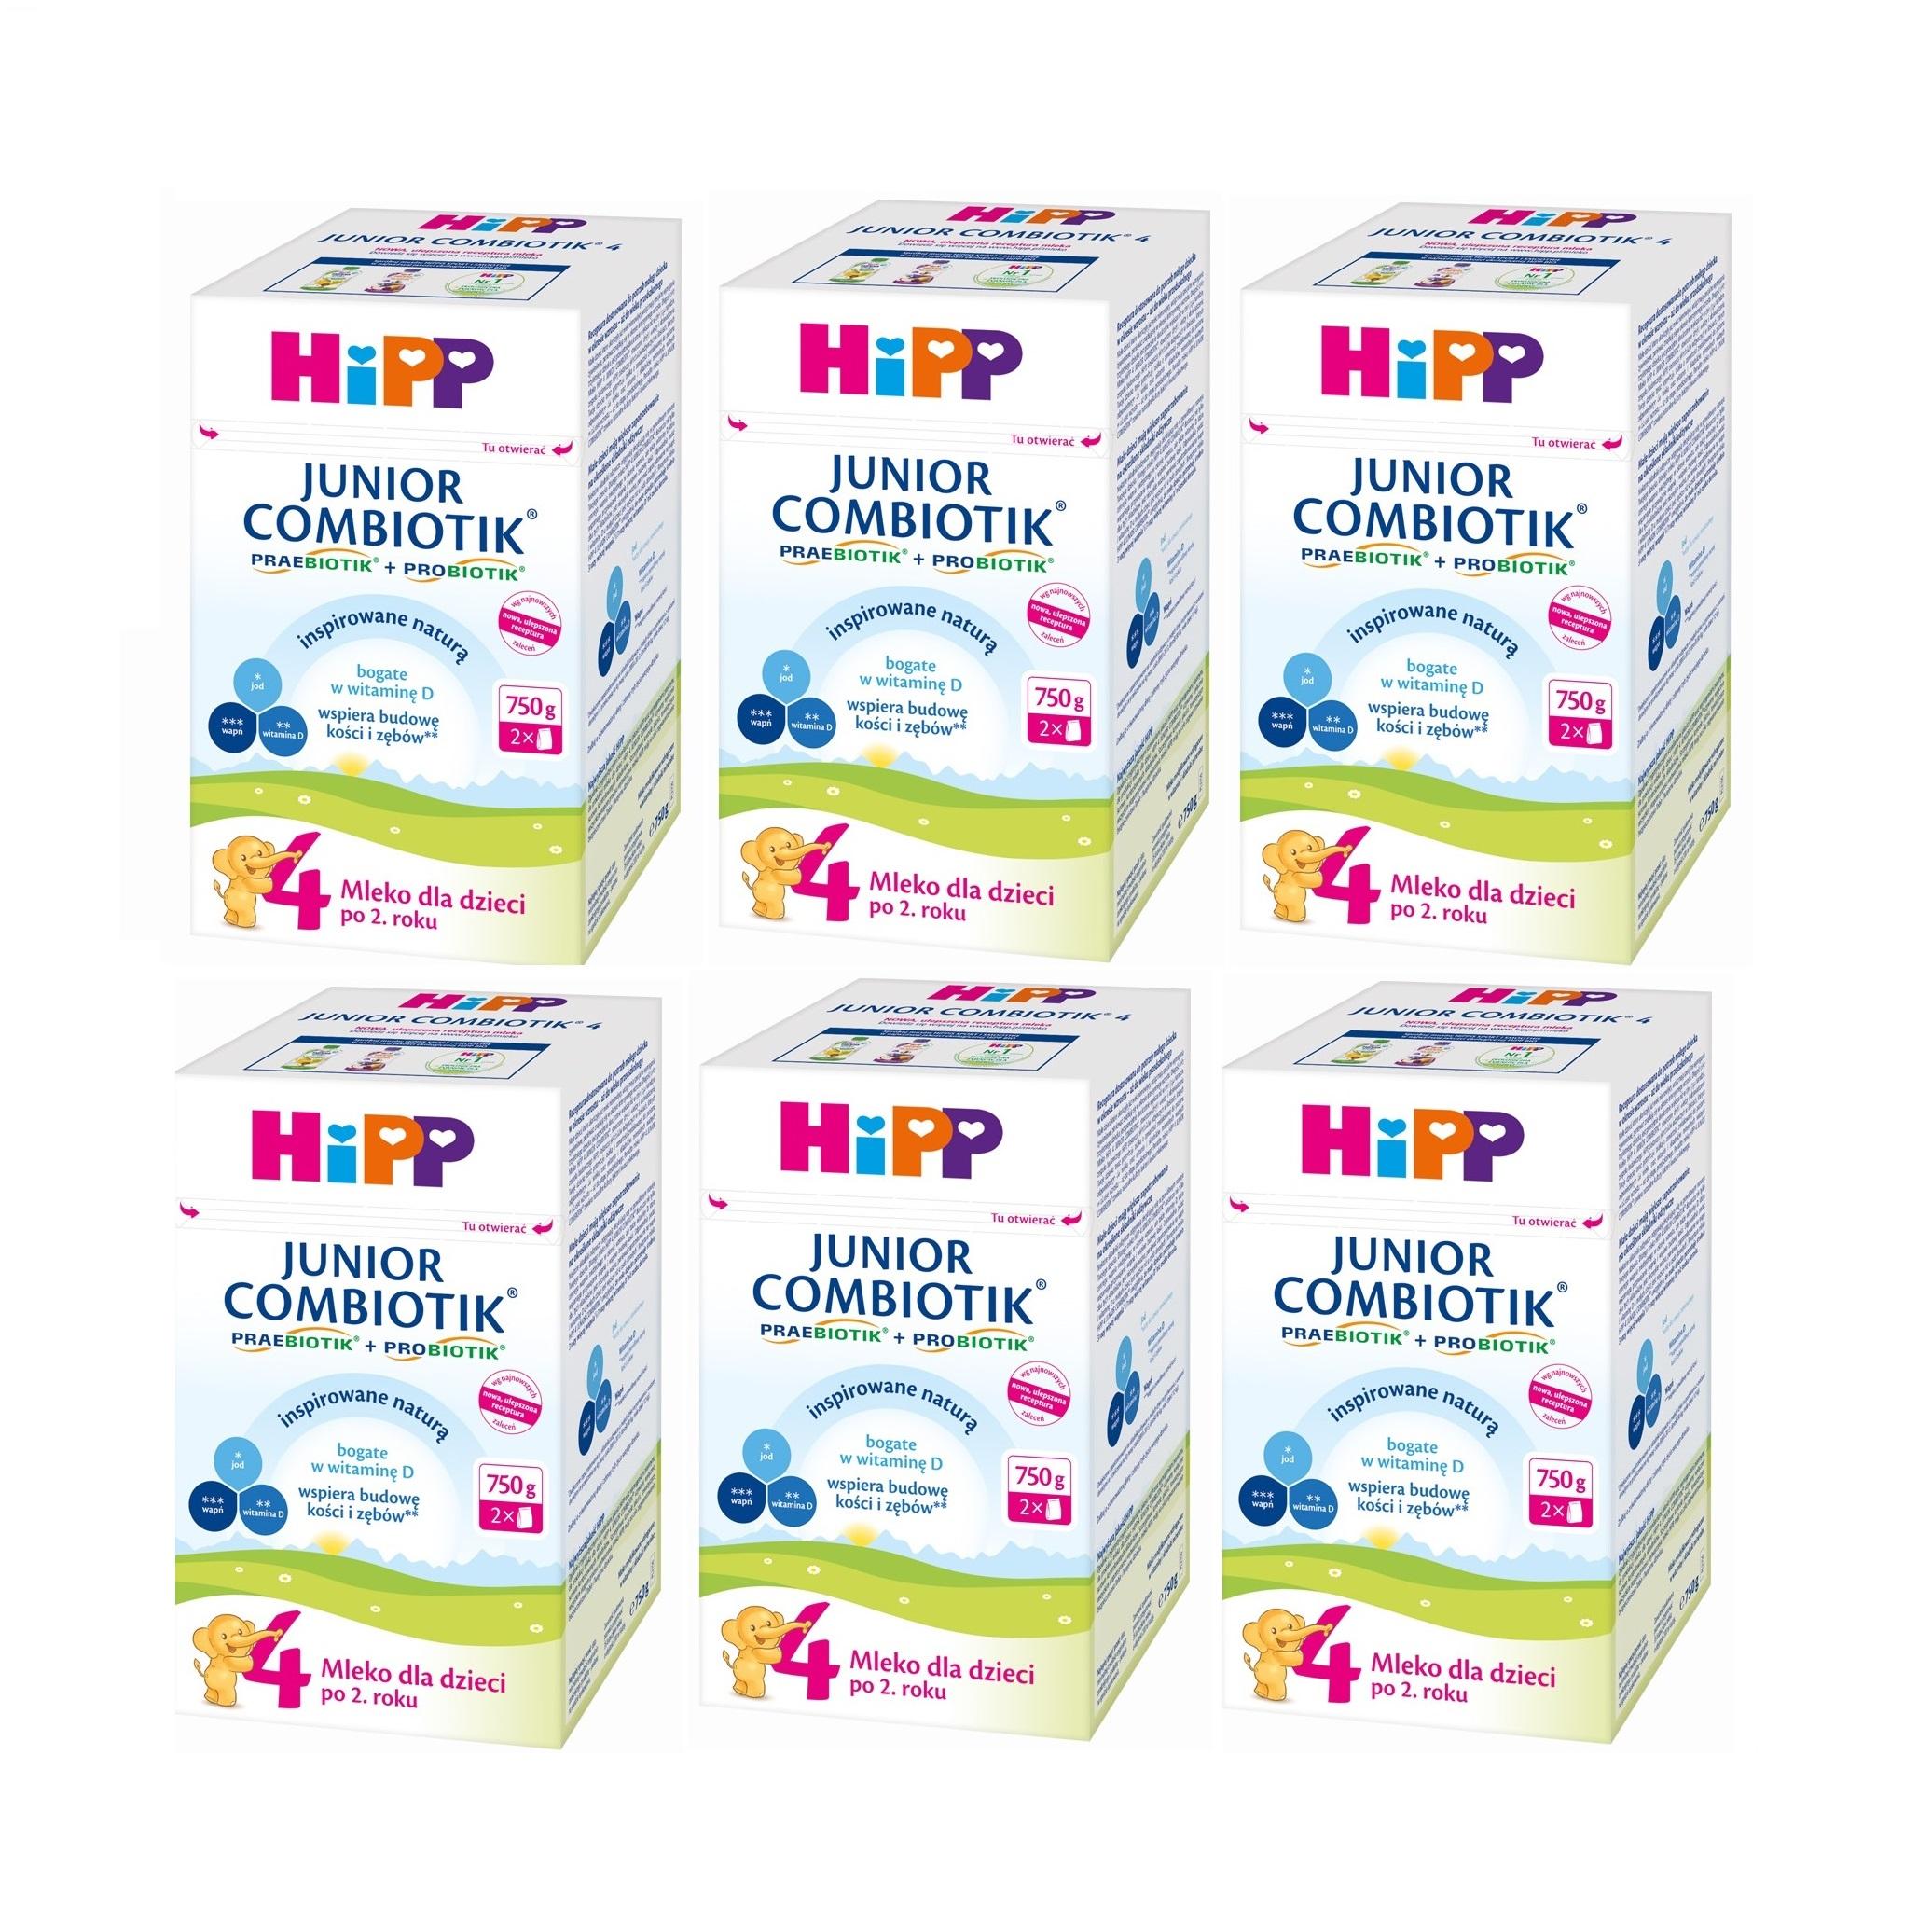 mleko 4 6x_750g hipp bez znaczka